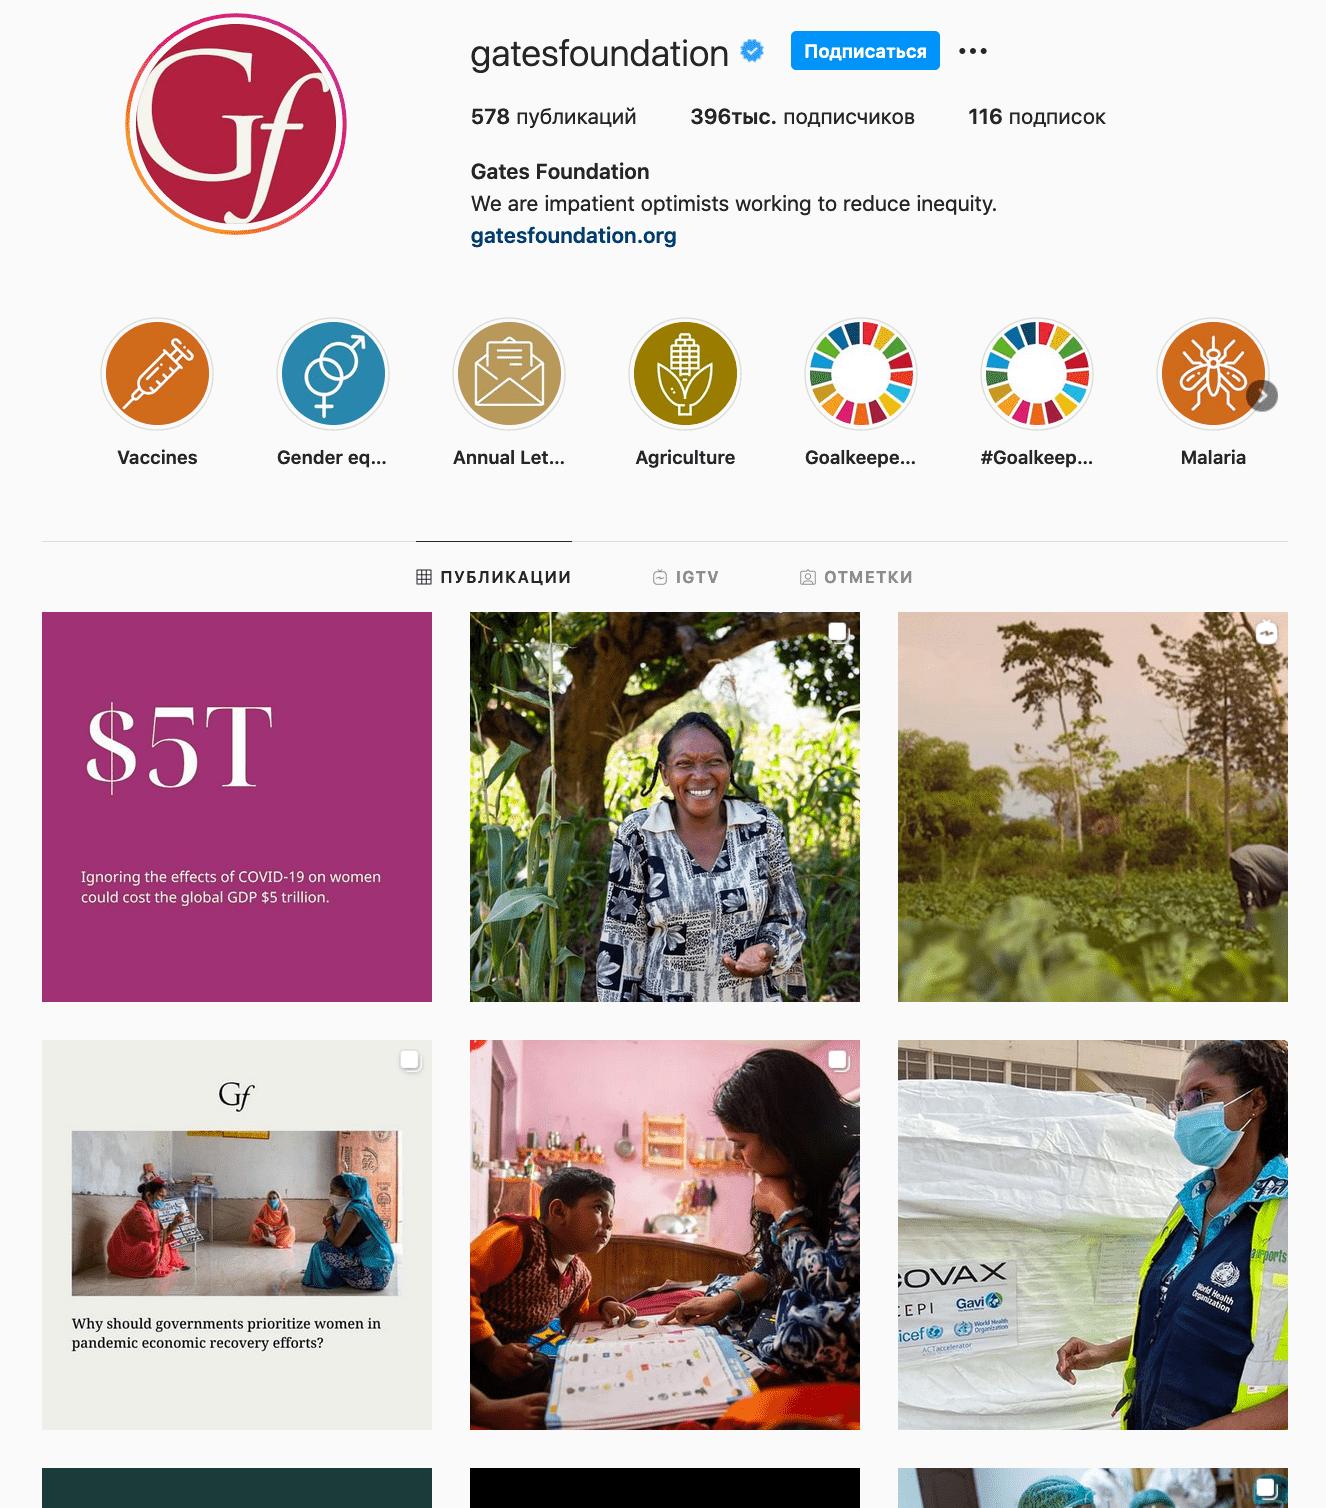 профиль благотворительного фонда в Instagram